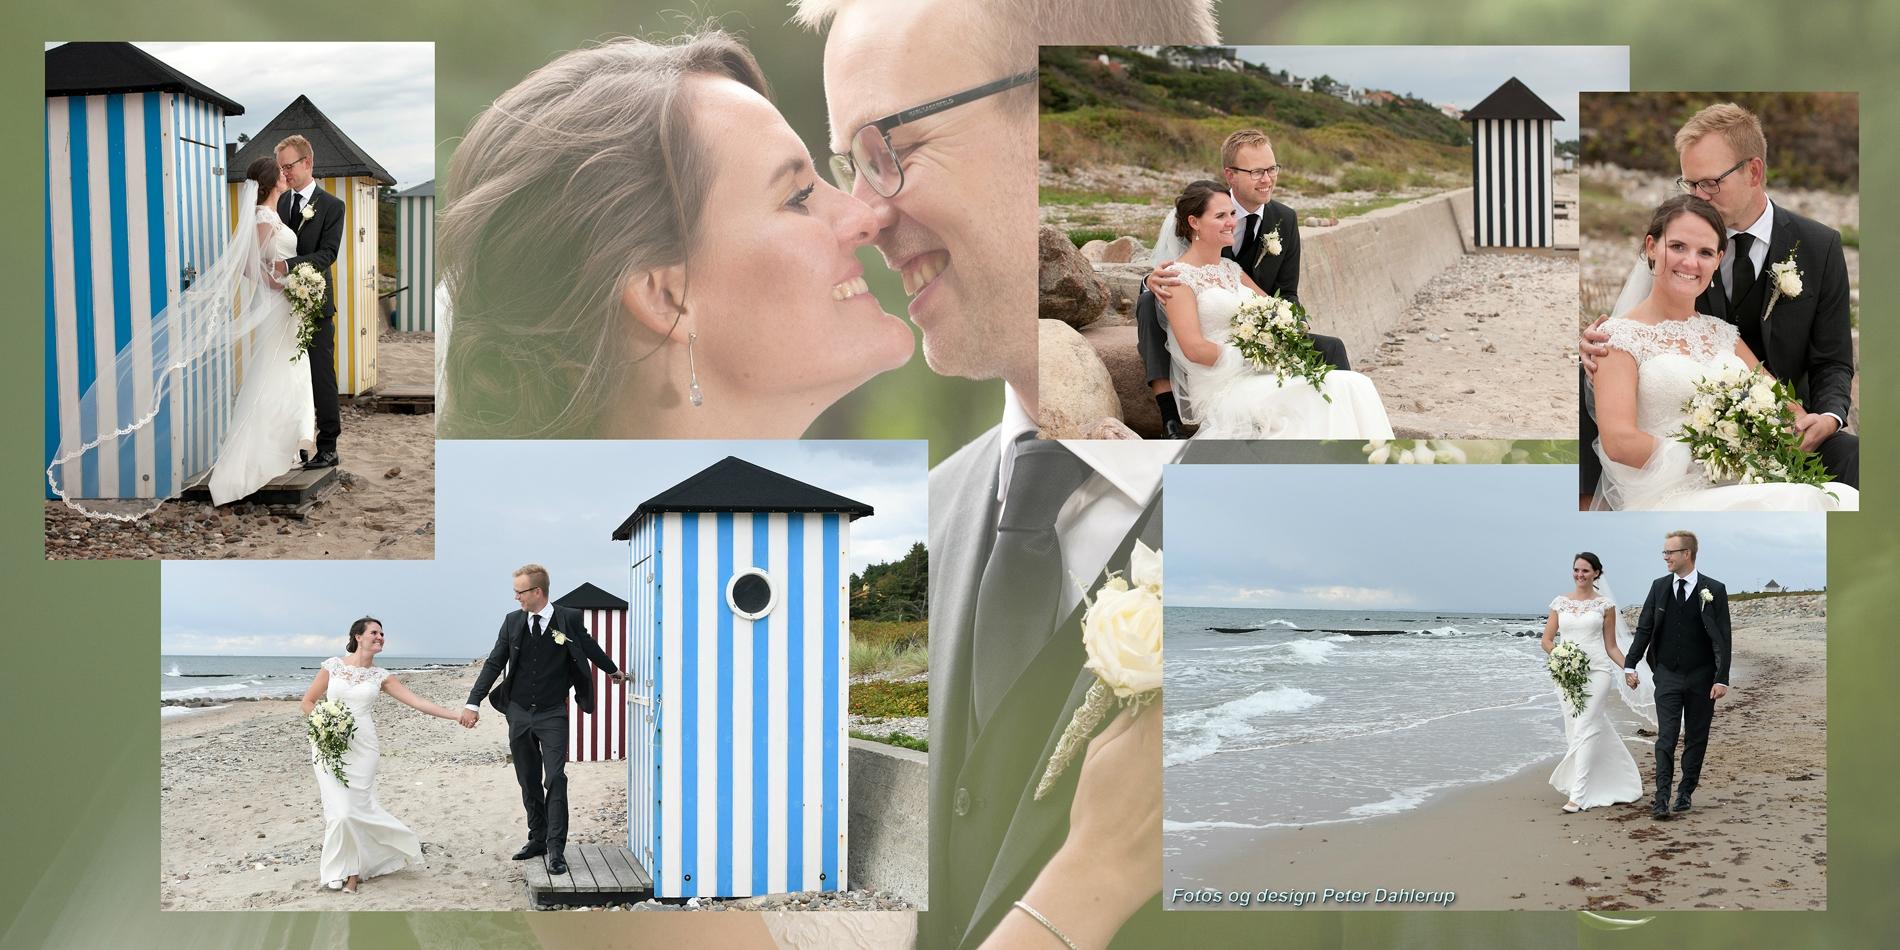 Bryllupsbog designet specielt til brudeparret